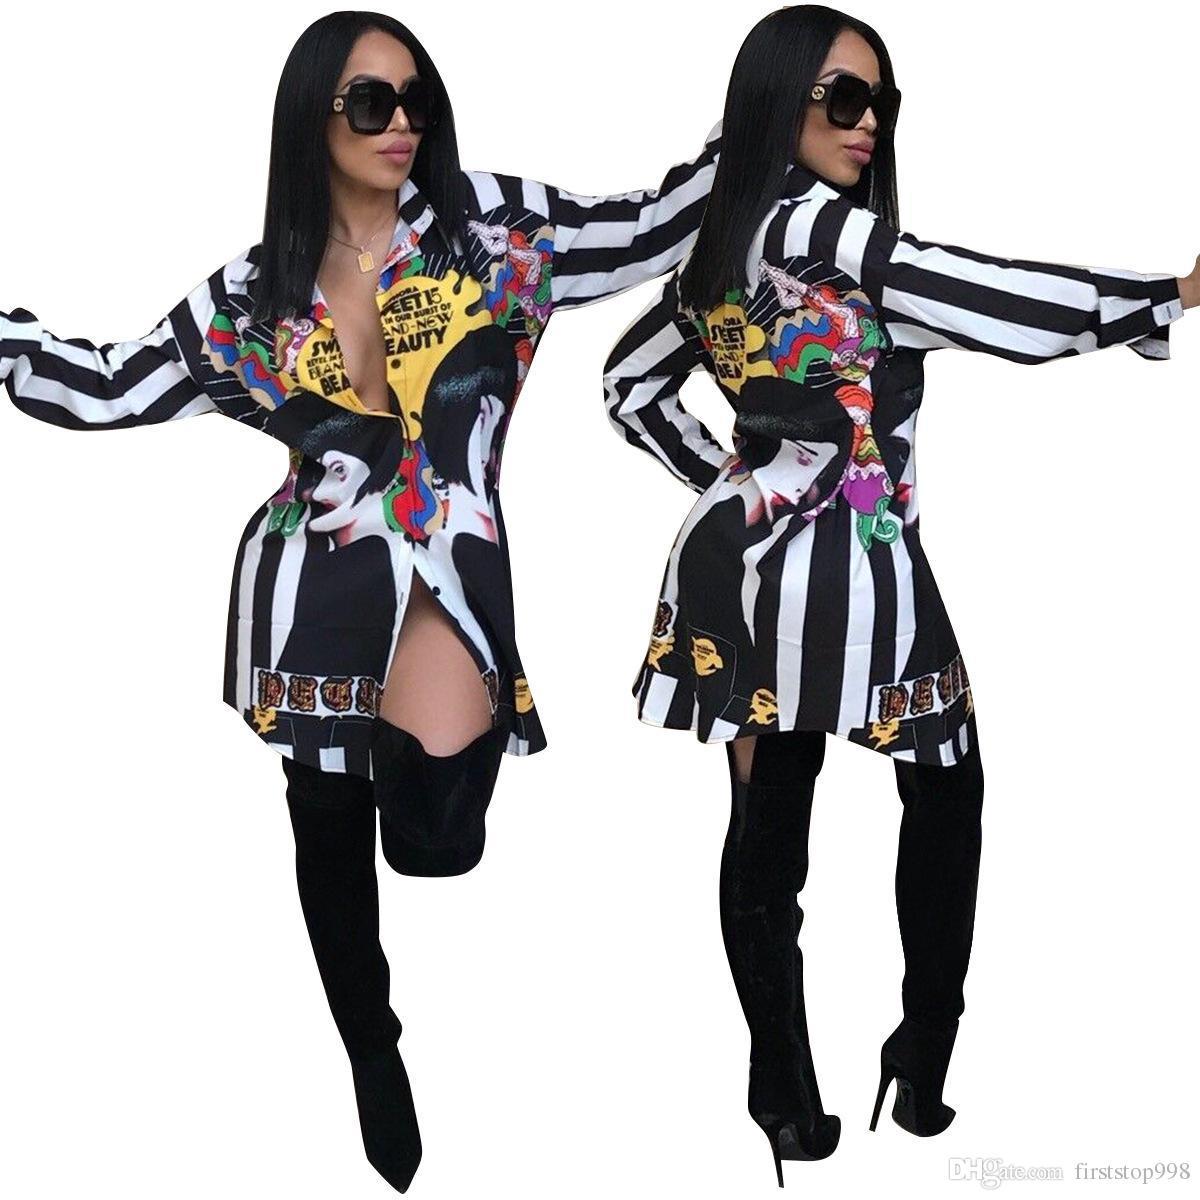 Europäische heiße modell celeb frauen sexy gesicht muster drucken mini dress gekerbt verband sleeve asymmetrische t-shirt dress l